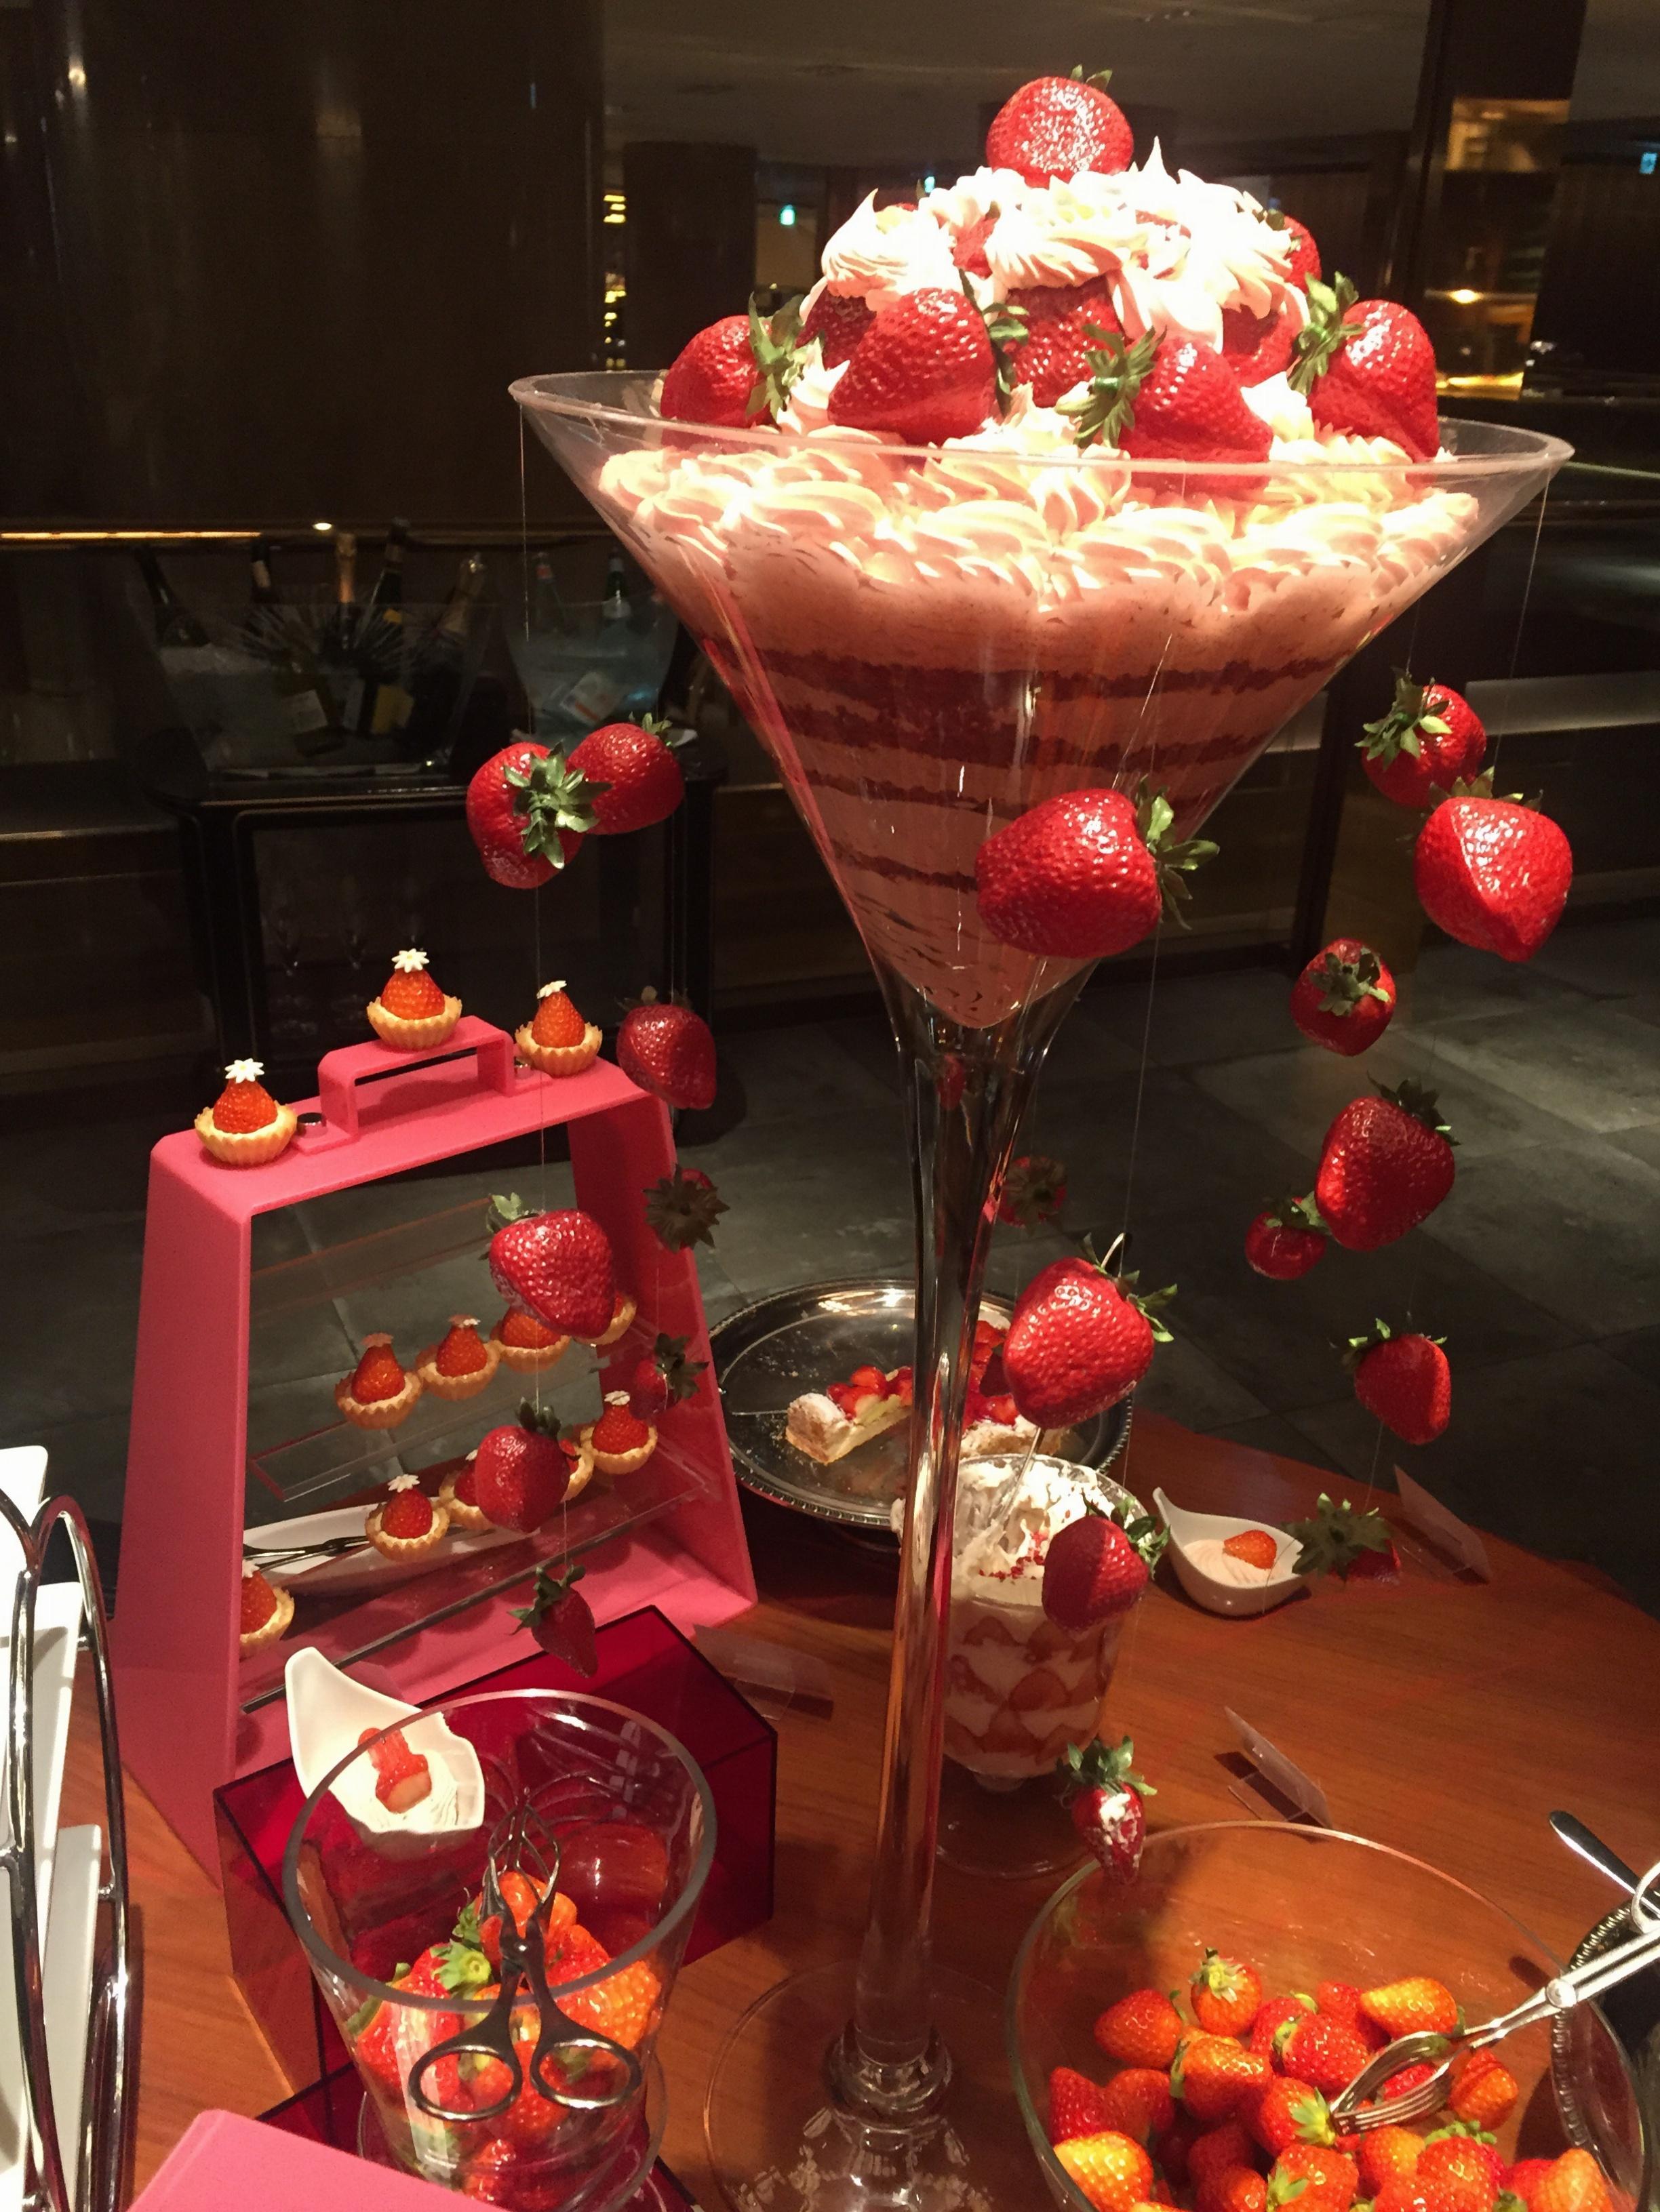 噂のヒルトン東京ホテルいちごビッフェで誕生日祝いしてもらいました♡_1